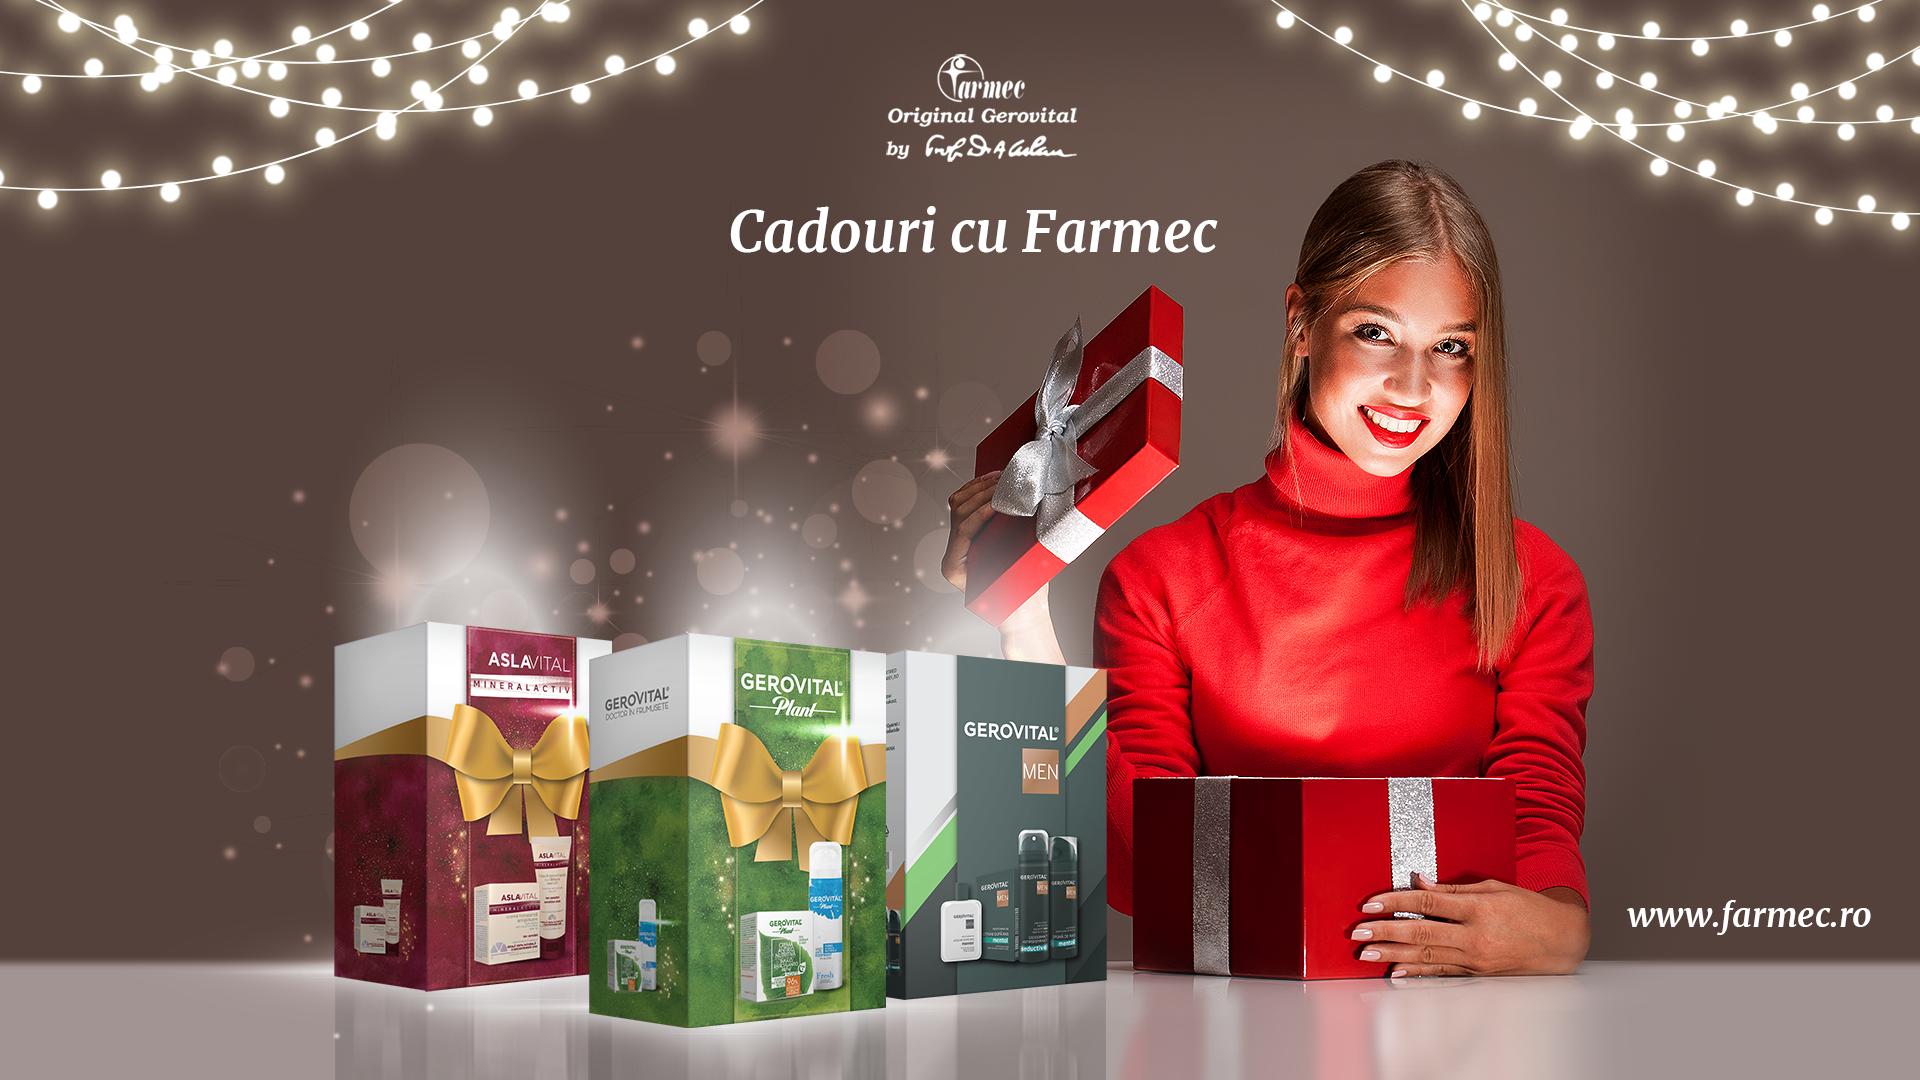 Producătorul de cosmetice Farmec introduce serviciul Call & Collect